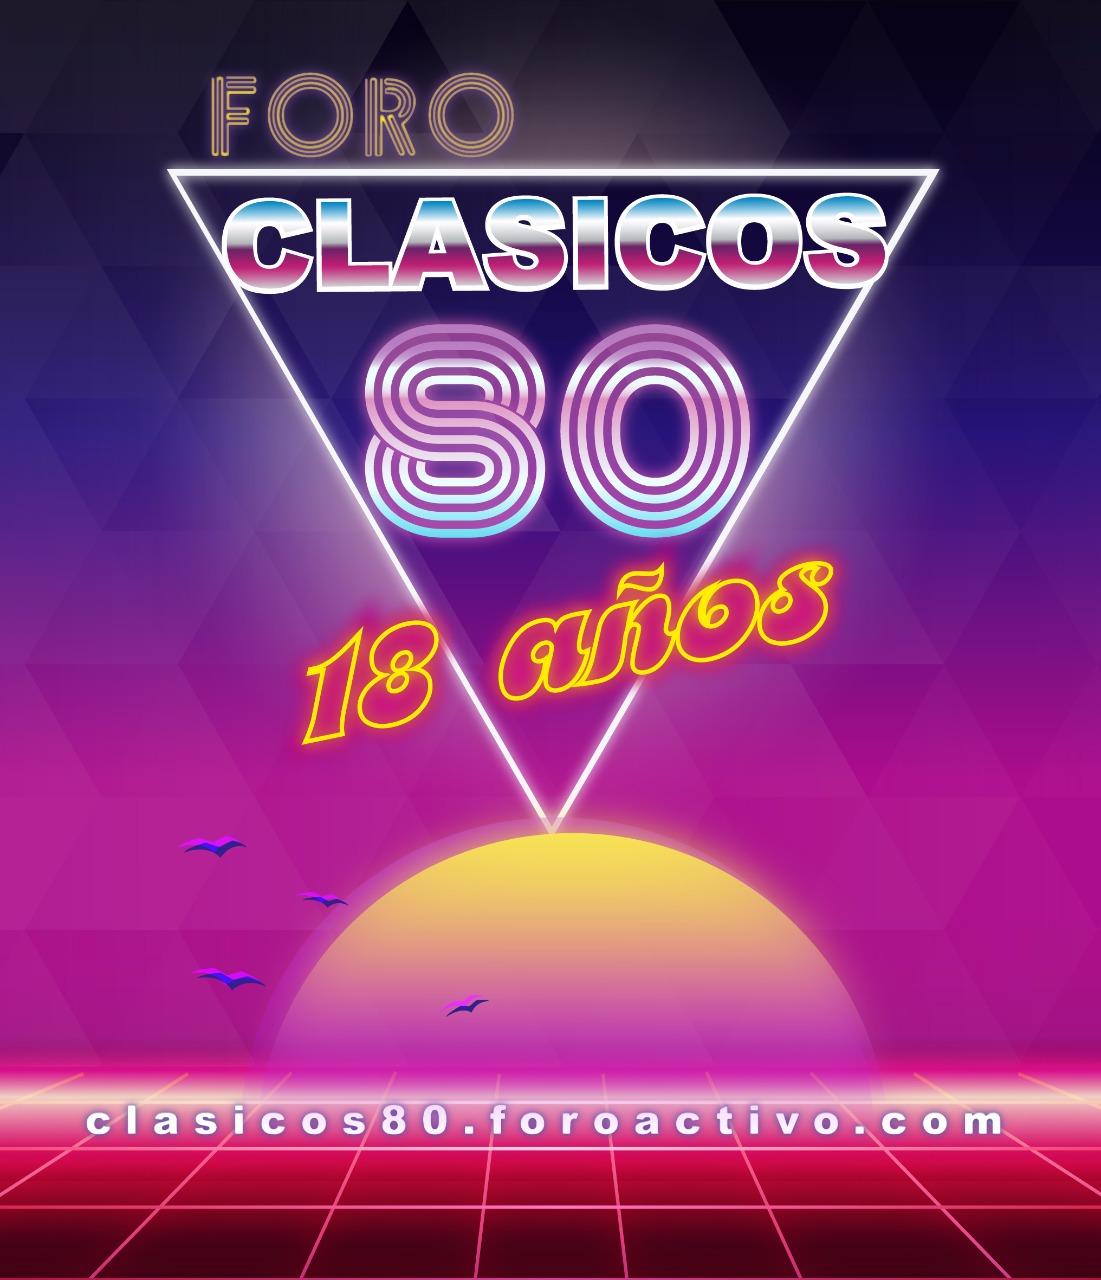 Ingresa y Descarga GRATIS lo mejor 70's 80's y 90's En Foro CLASICOS 80